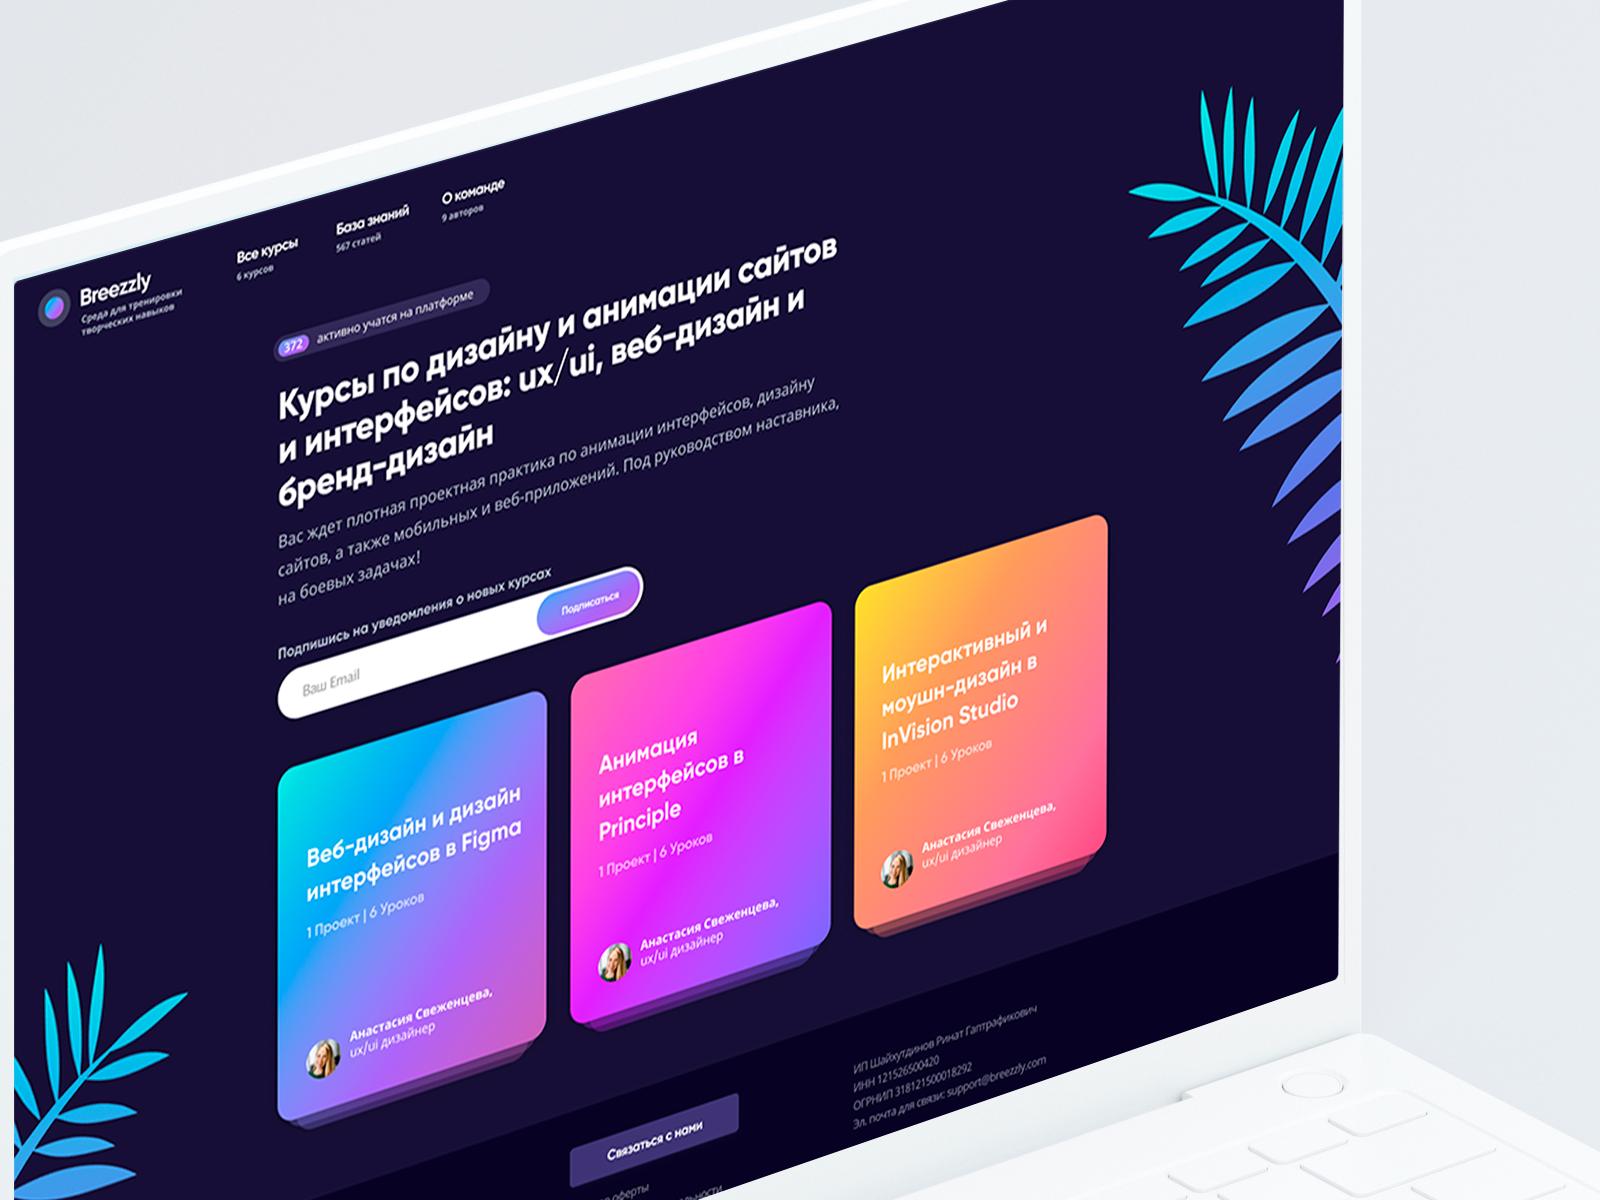 Онлайн-курсы от Breezzly с практикой в дизайне сайтов и интерфейсов — освойте новые актуальные форматы упаковки брендов в диджитал